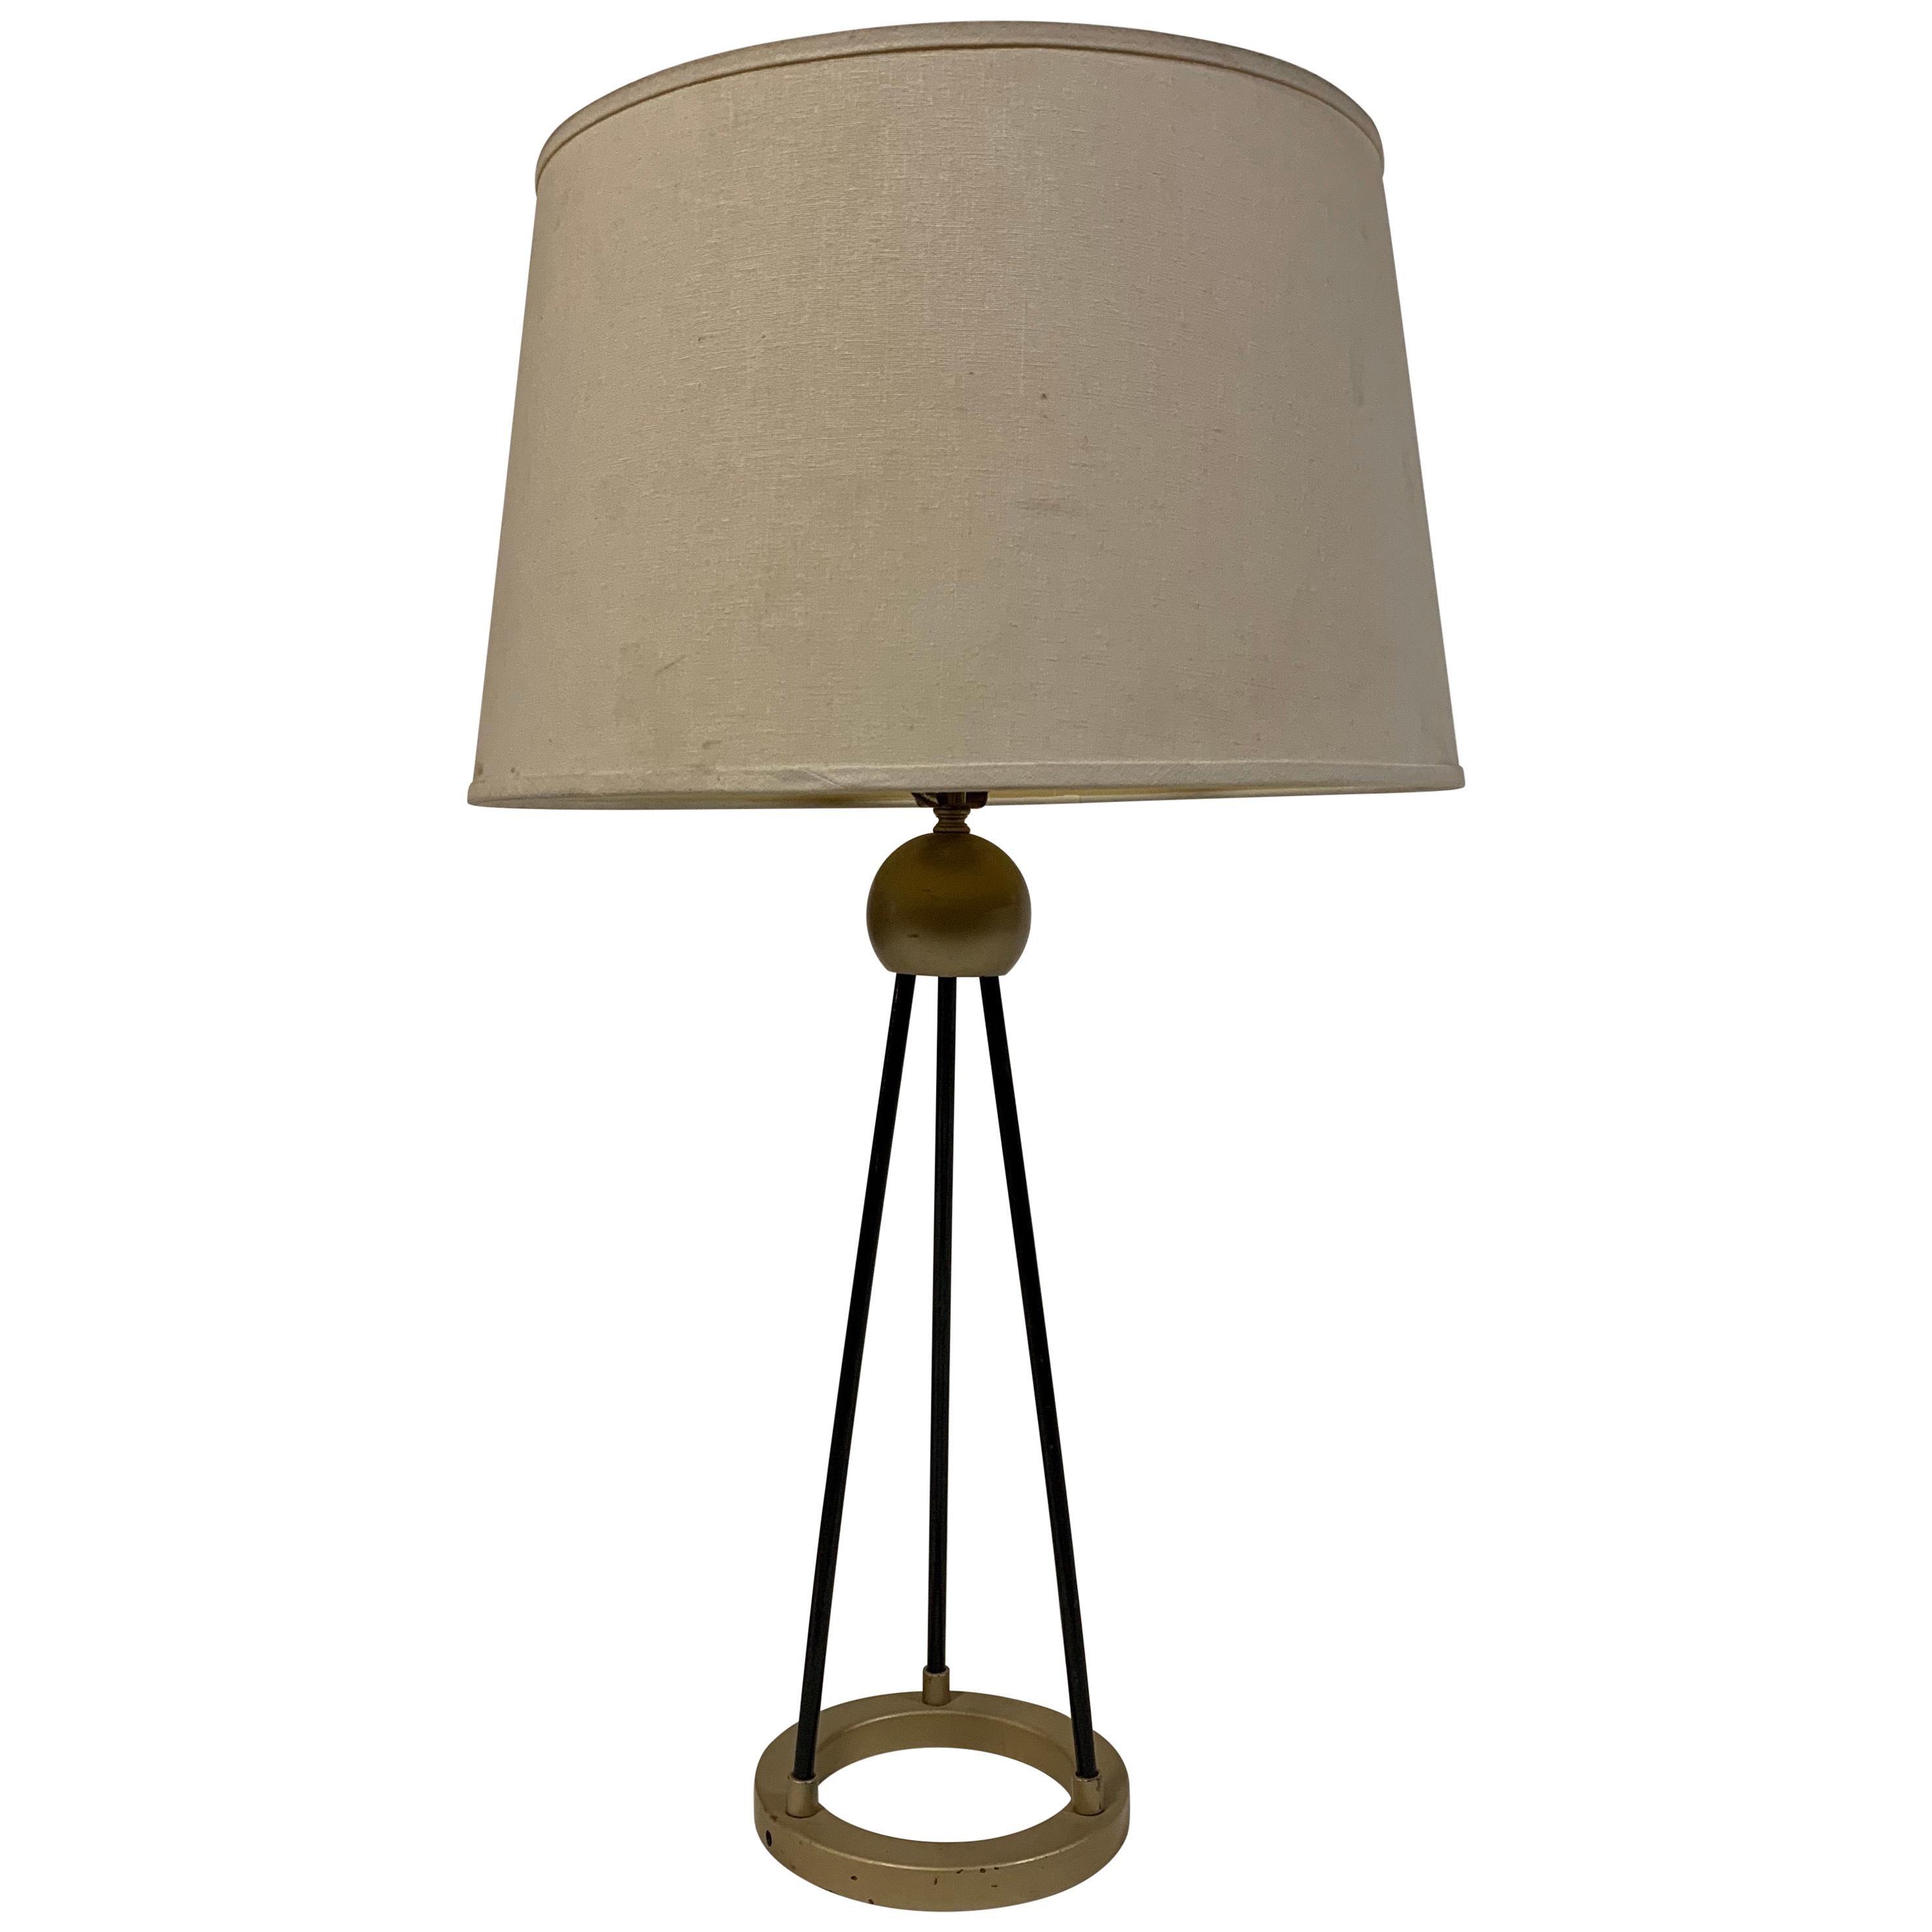 Walter Von Nessen style Machine Age Table Lamp